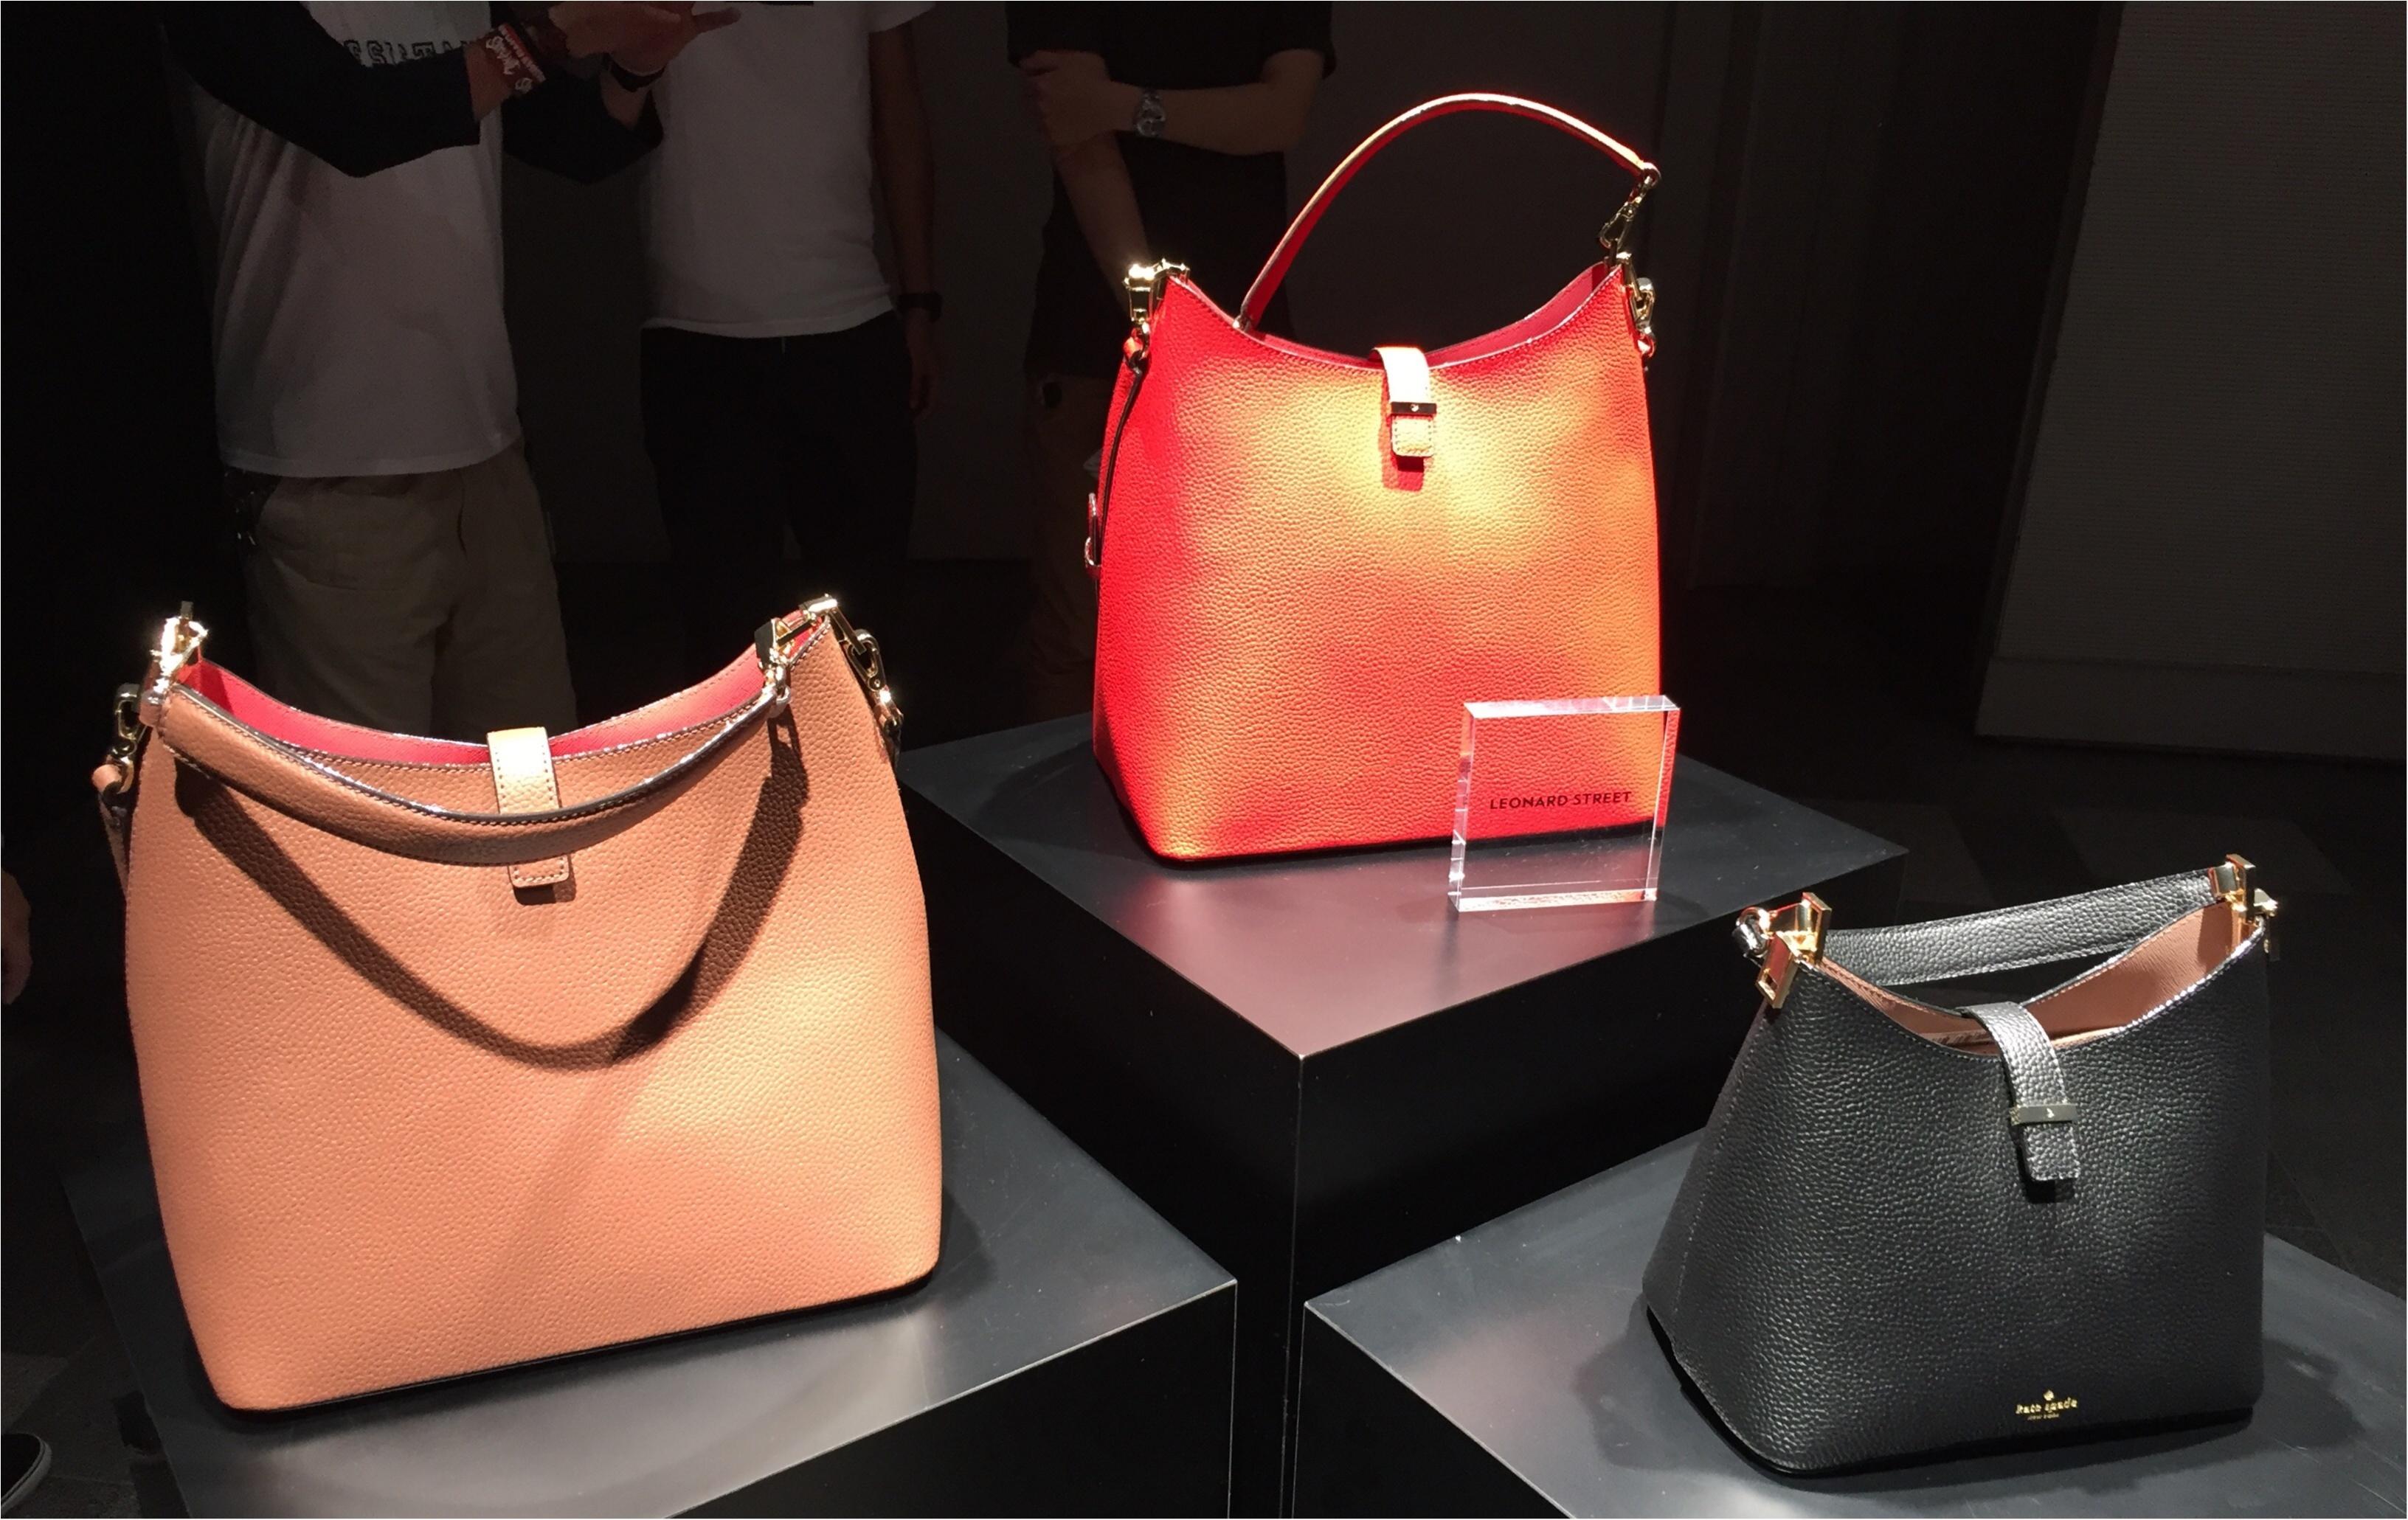 ケイト・スペード ニューヨーク、秋のバッグはどれを選ぶ?_2